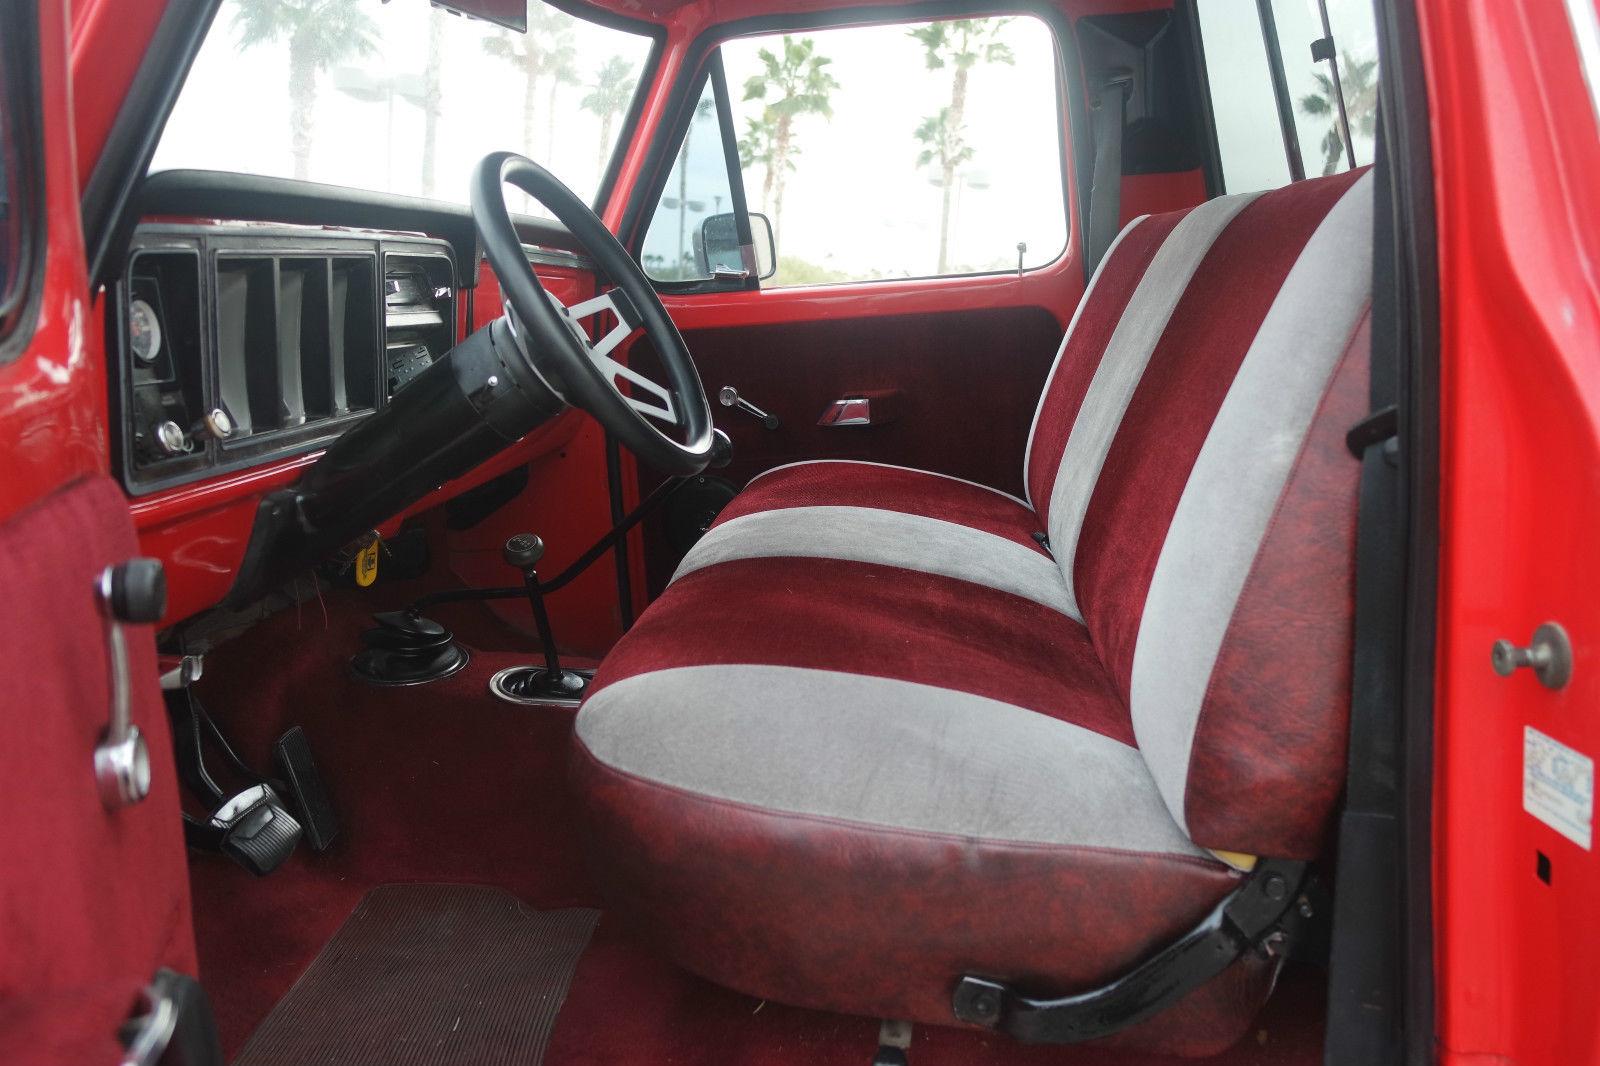 Ford F250 4x4 Pick Up Truck Tags High Boy F150 F3504 Wheel 1970 F 350 Prevnext